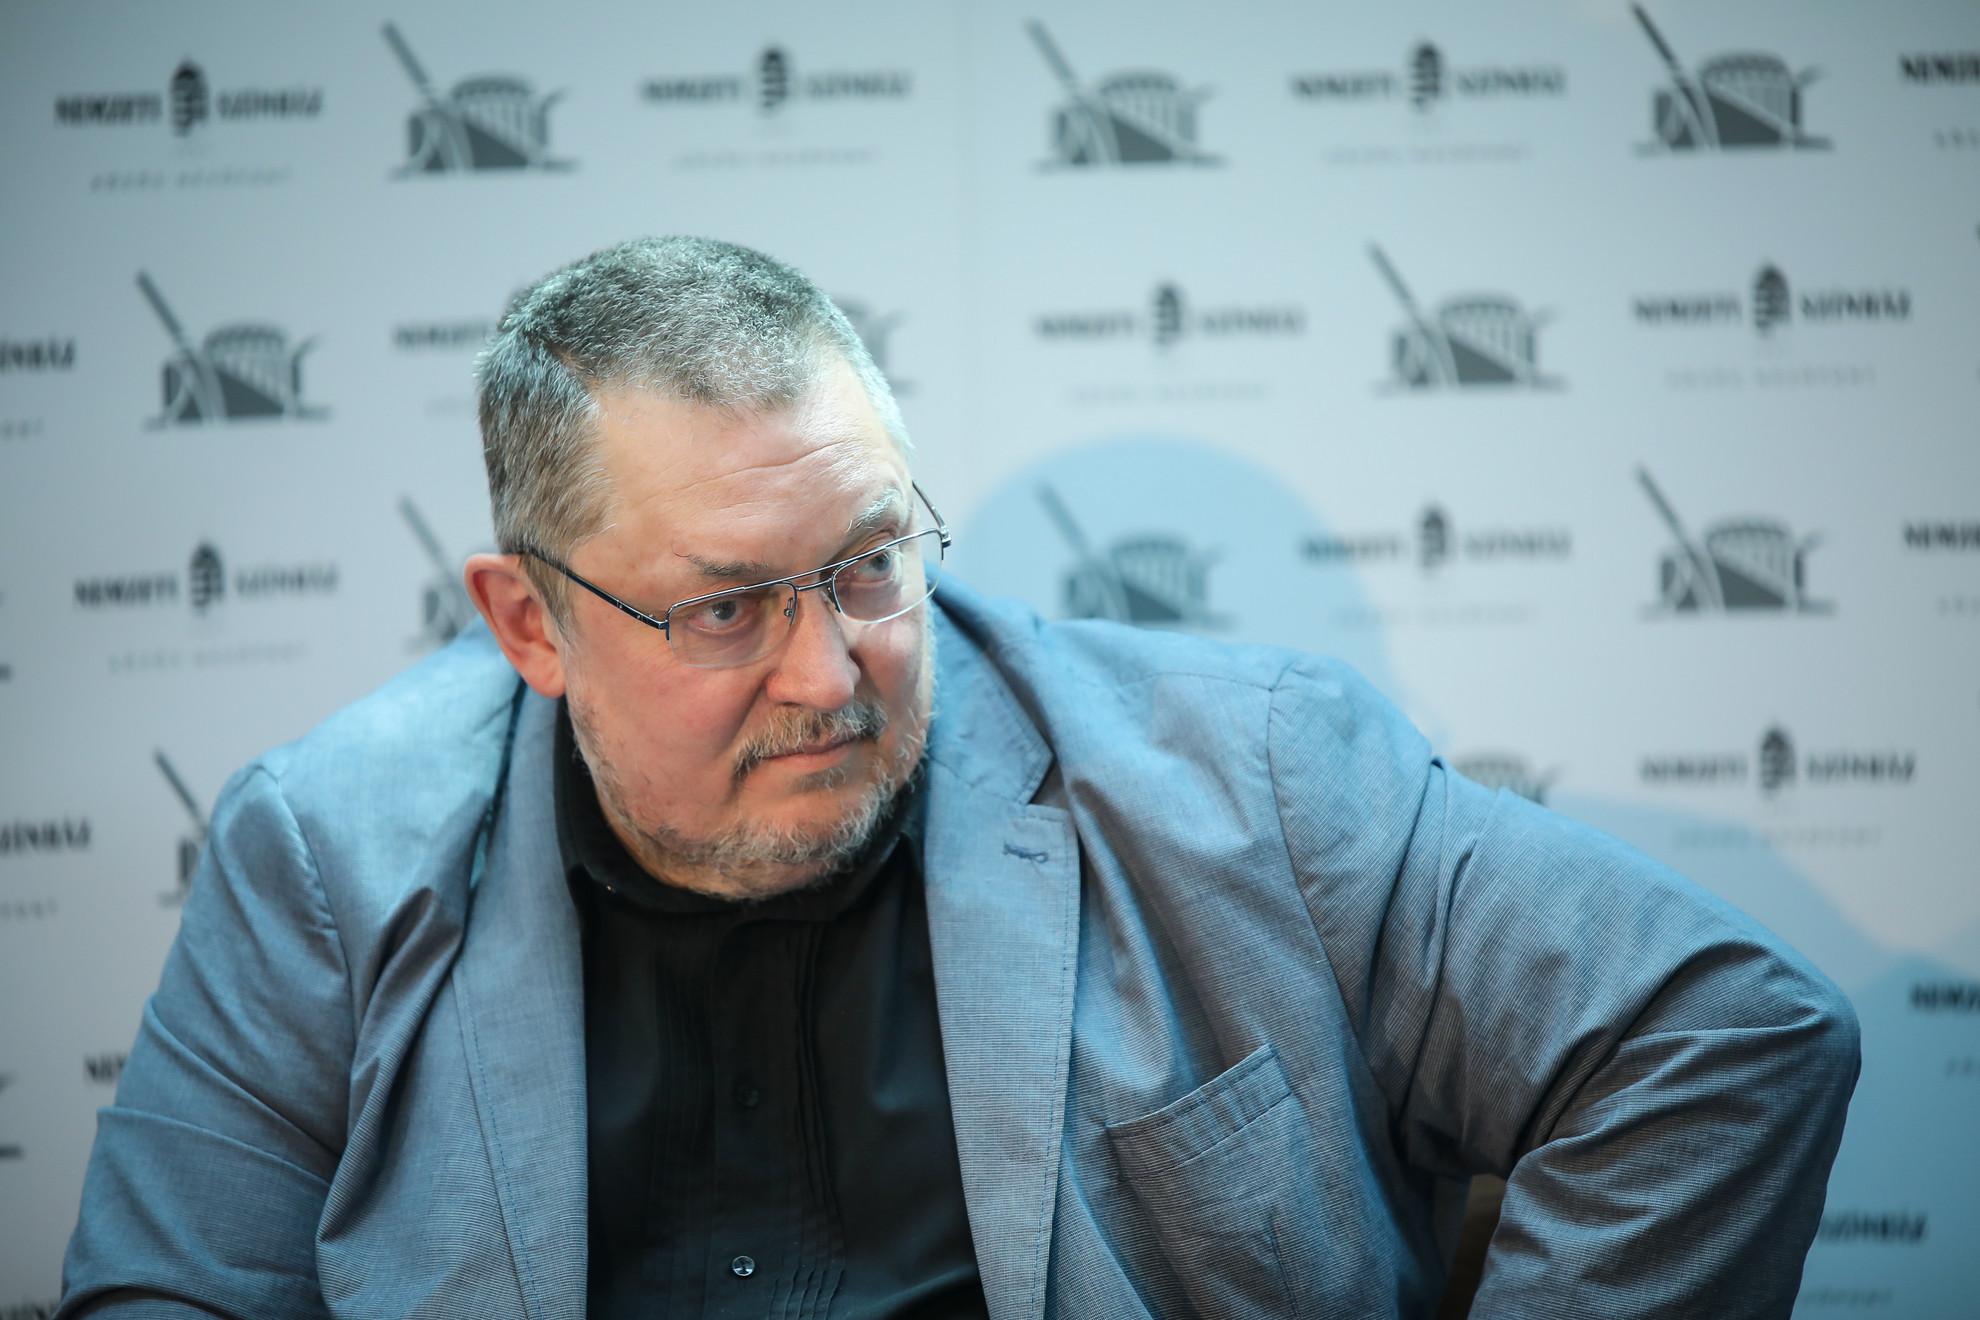 Vidnyánszky Attila, egyetemet szeptember 1-jétől fenntartó alapítvány kuratóriumi elnöke